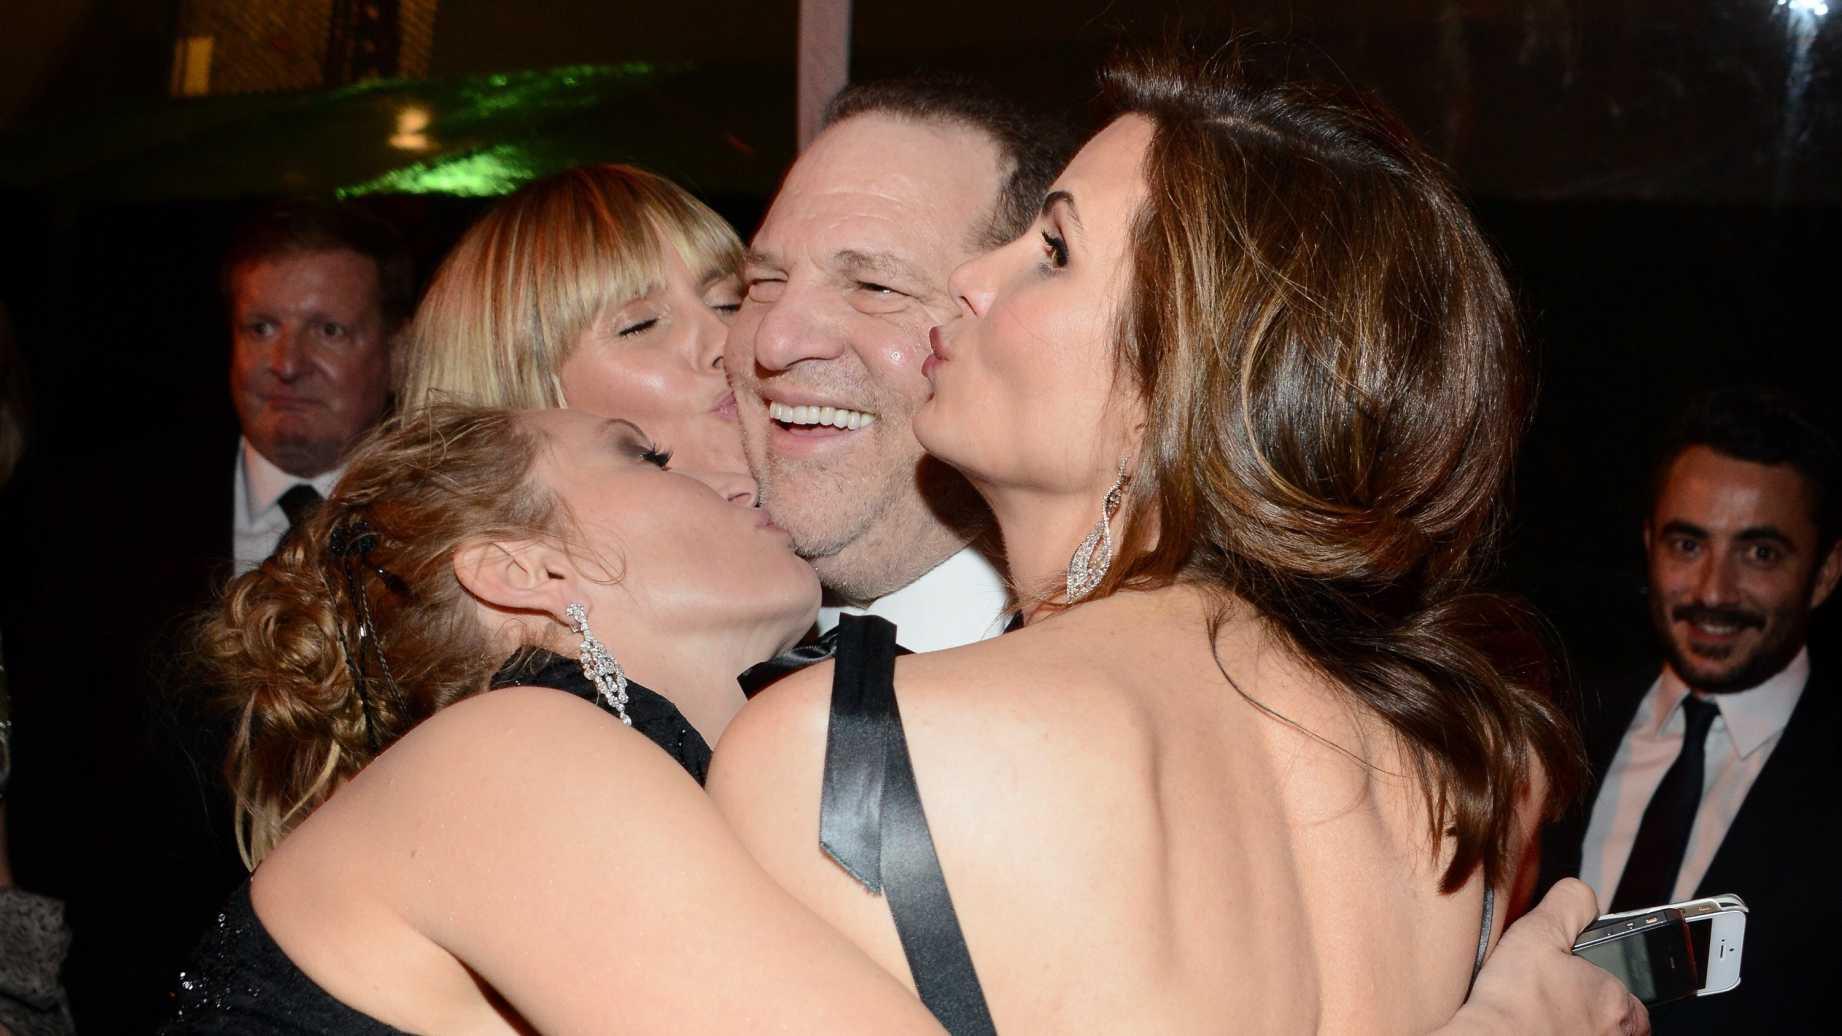 Hollywood giữa cơn bão bê bối tình dục: Bối rối, hoang mang